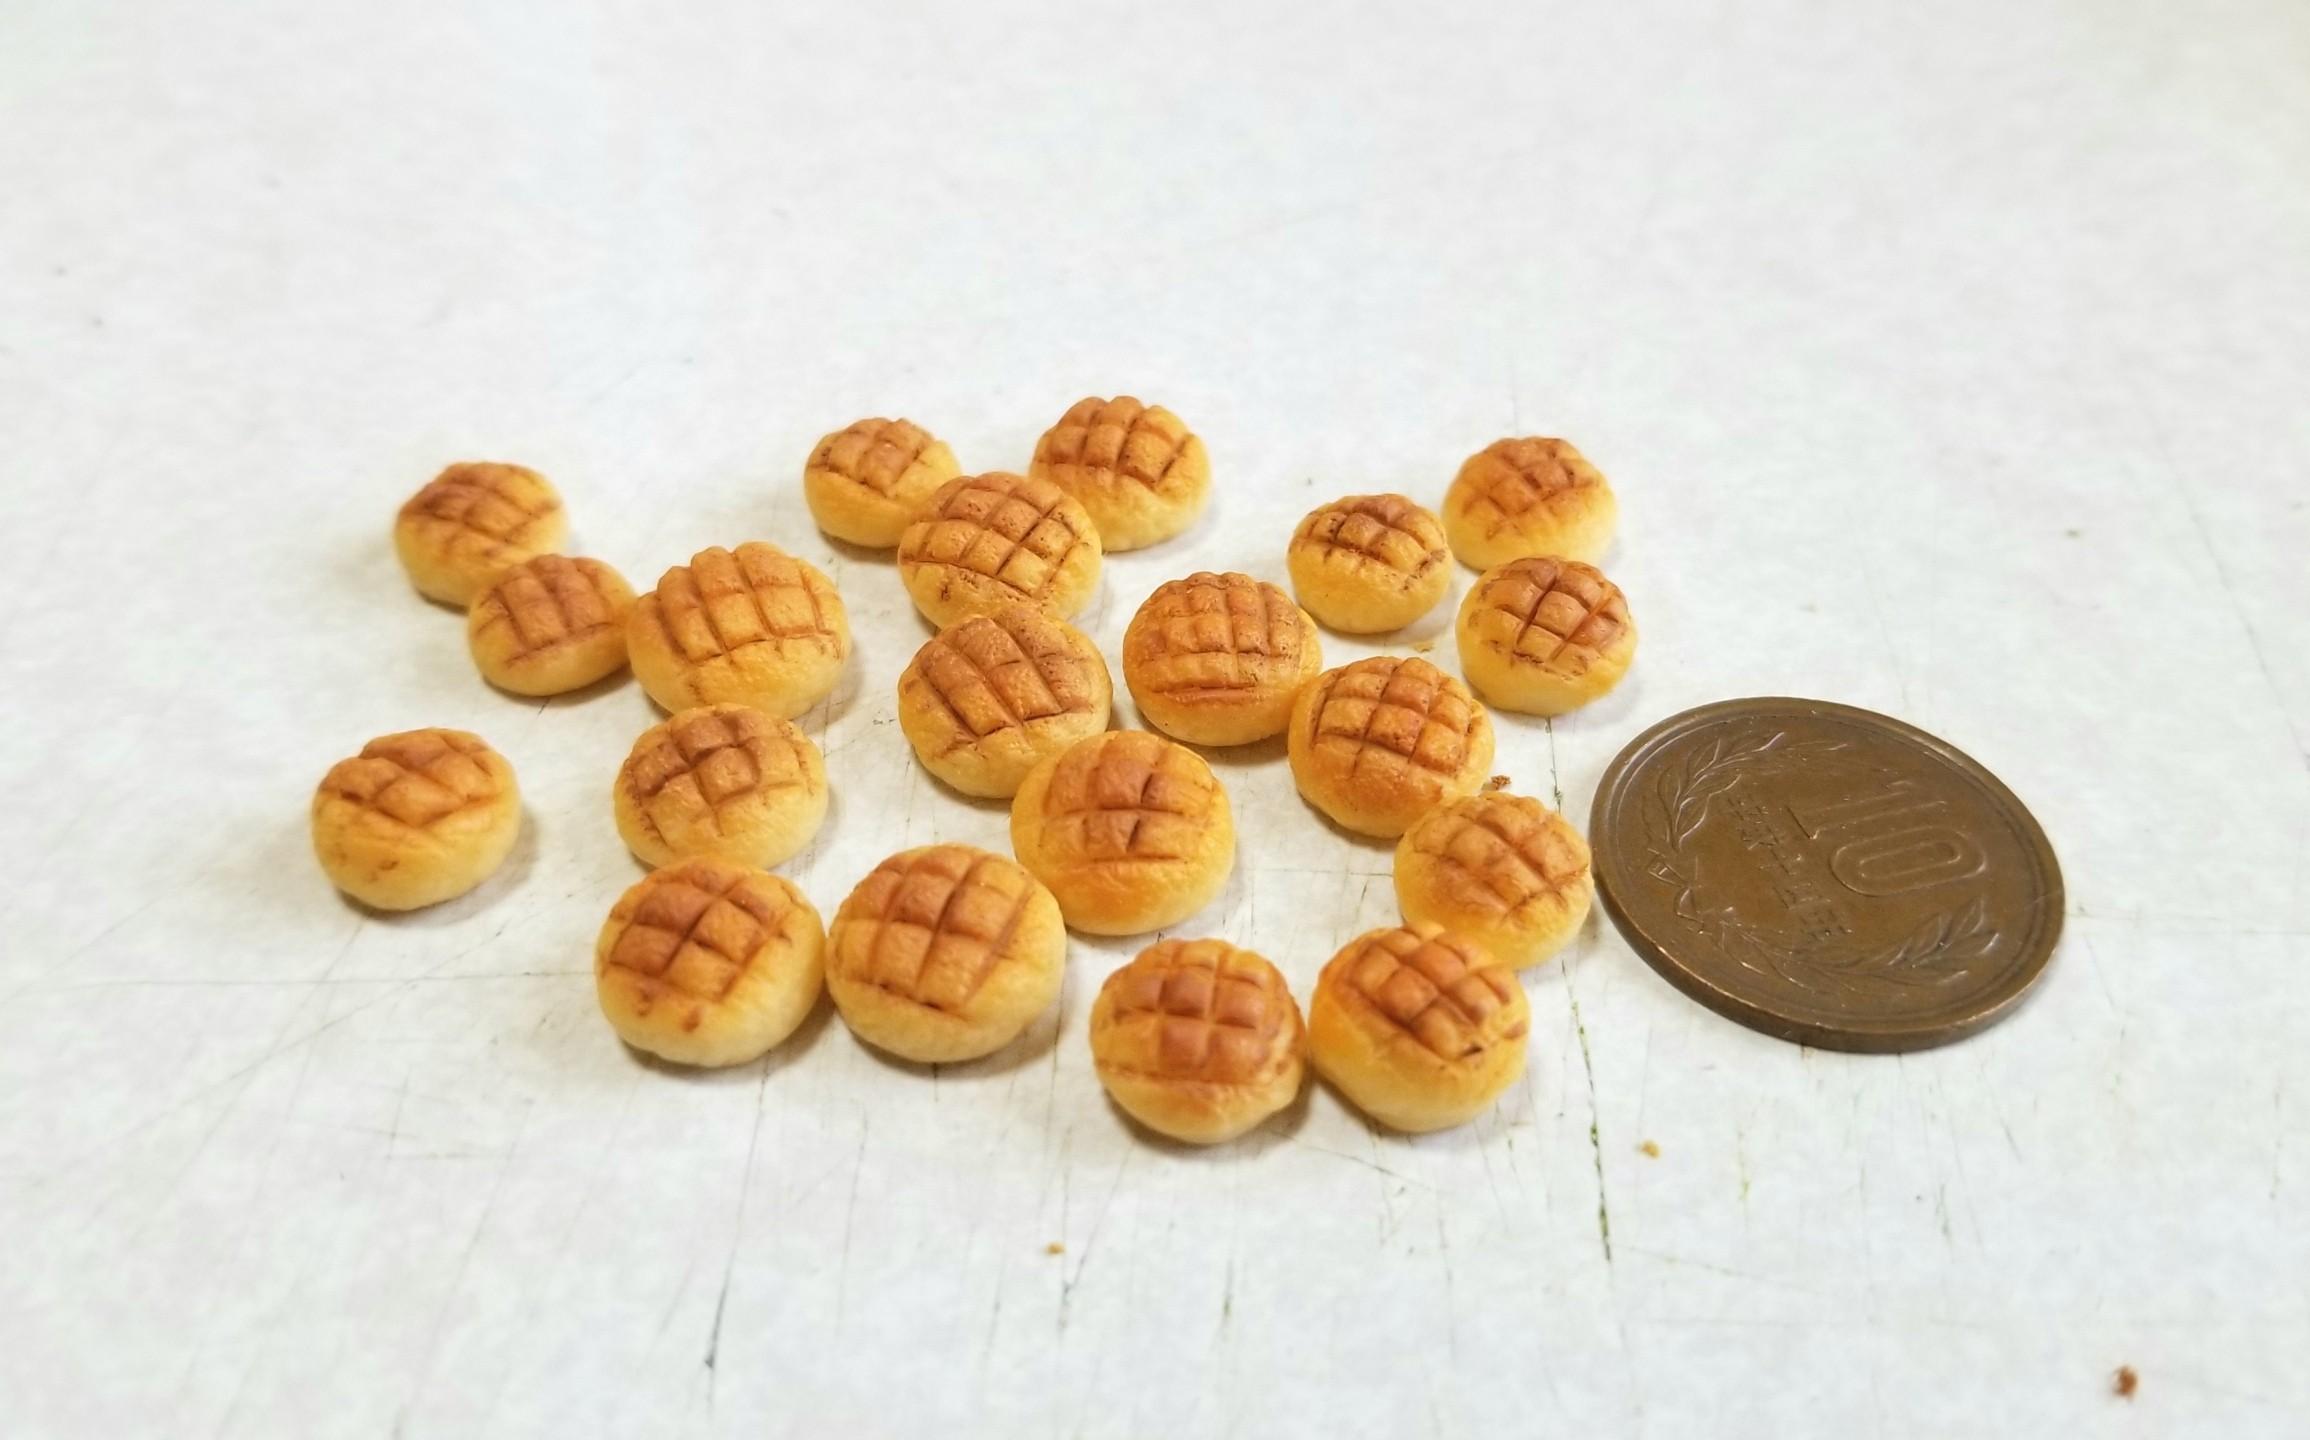 ミニチュアフード,メロンパン着色,作り方,樹脂粘土,製作過程,焼き色